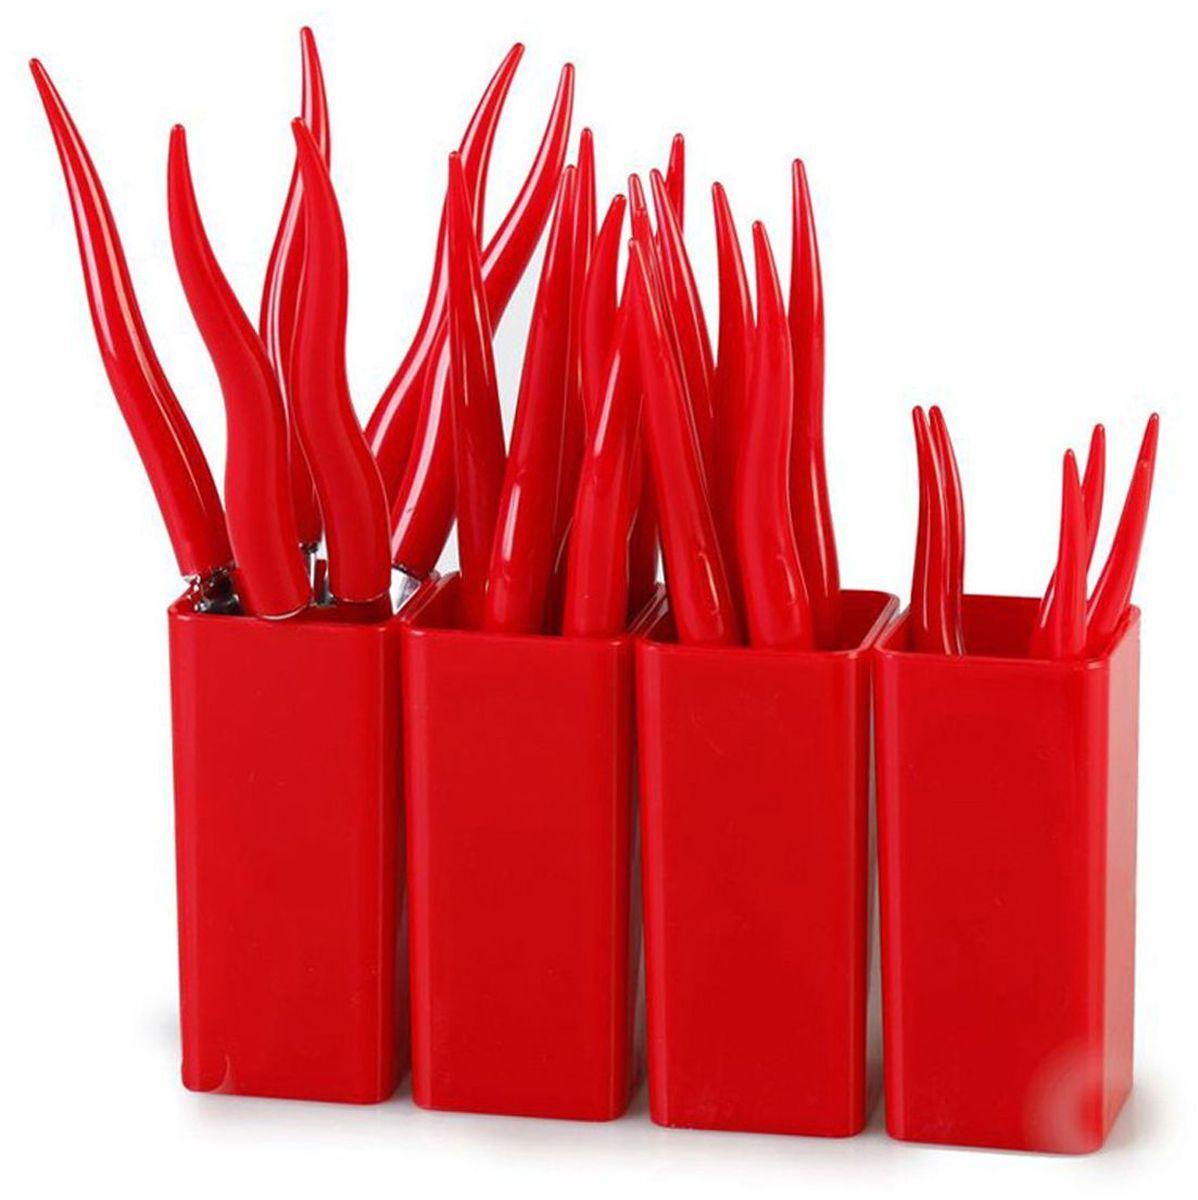 Набор столовых приборов MoulinVilla Chili, цвет: красный, 24 предмета115510Набор MOULINvilla Chili состоит из 6 вилок, 6 ножей, 6 столовых ложек, 6 чайных ложек, 4 подставок, выполненных из нержавеющей стали. Рукоятки столовых приборов изготовлены из высокопрочного пластика. Сервировка праздничного стола таким набором станет великолепным украшением любого торжества.